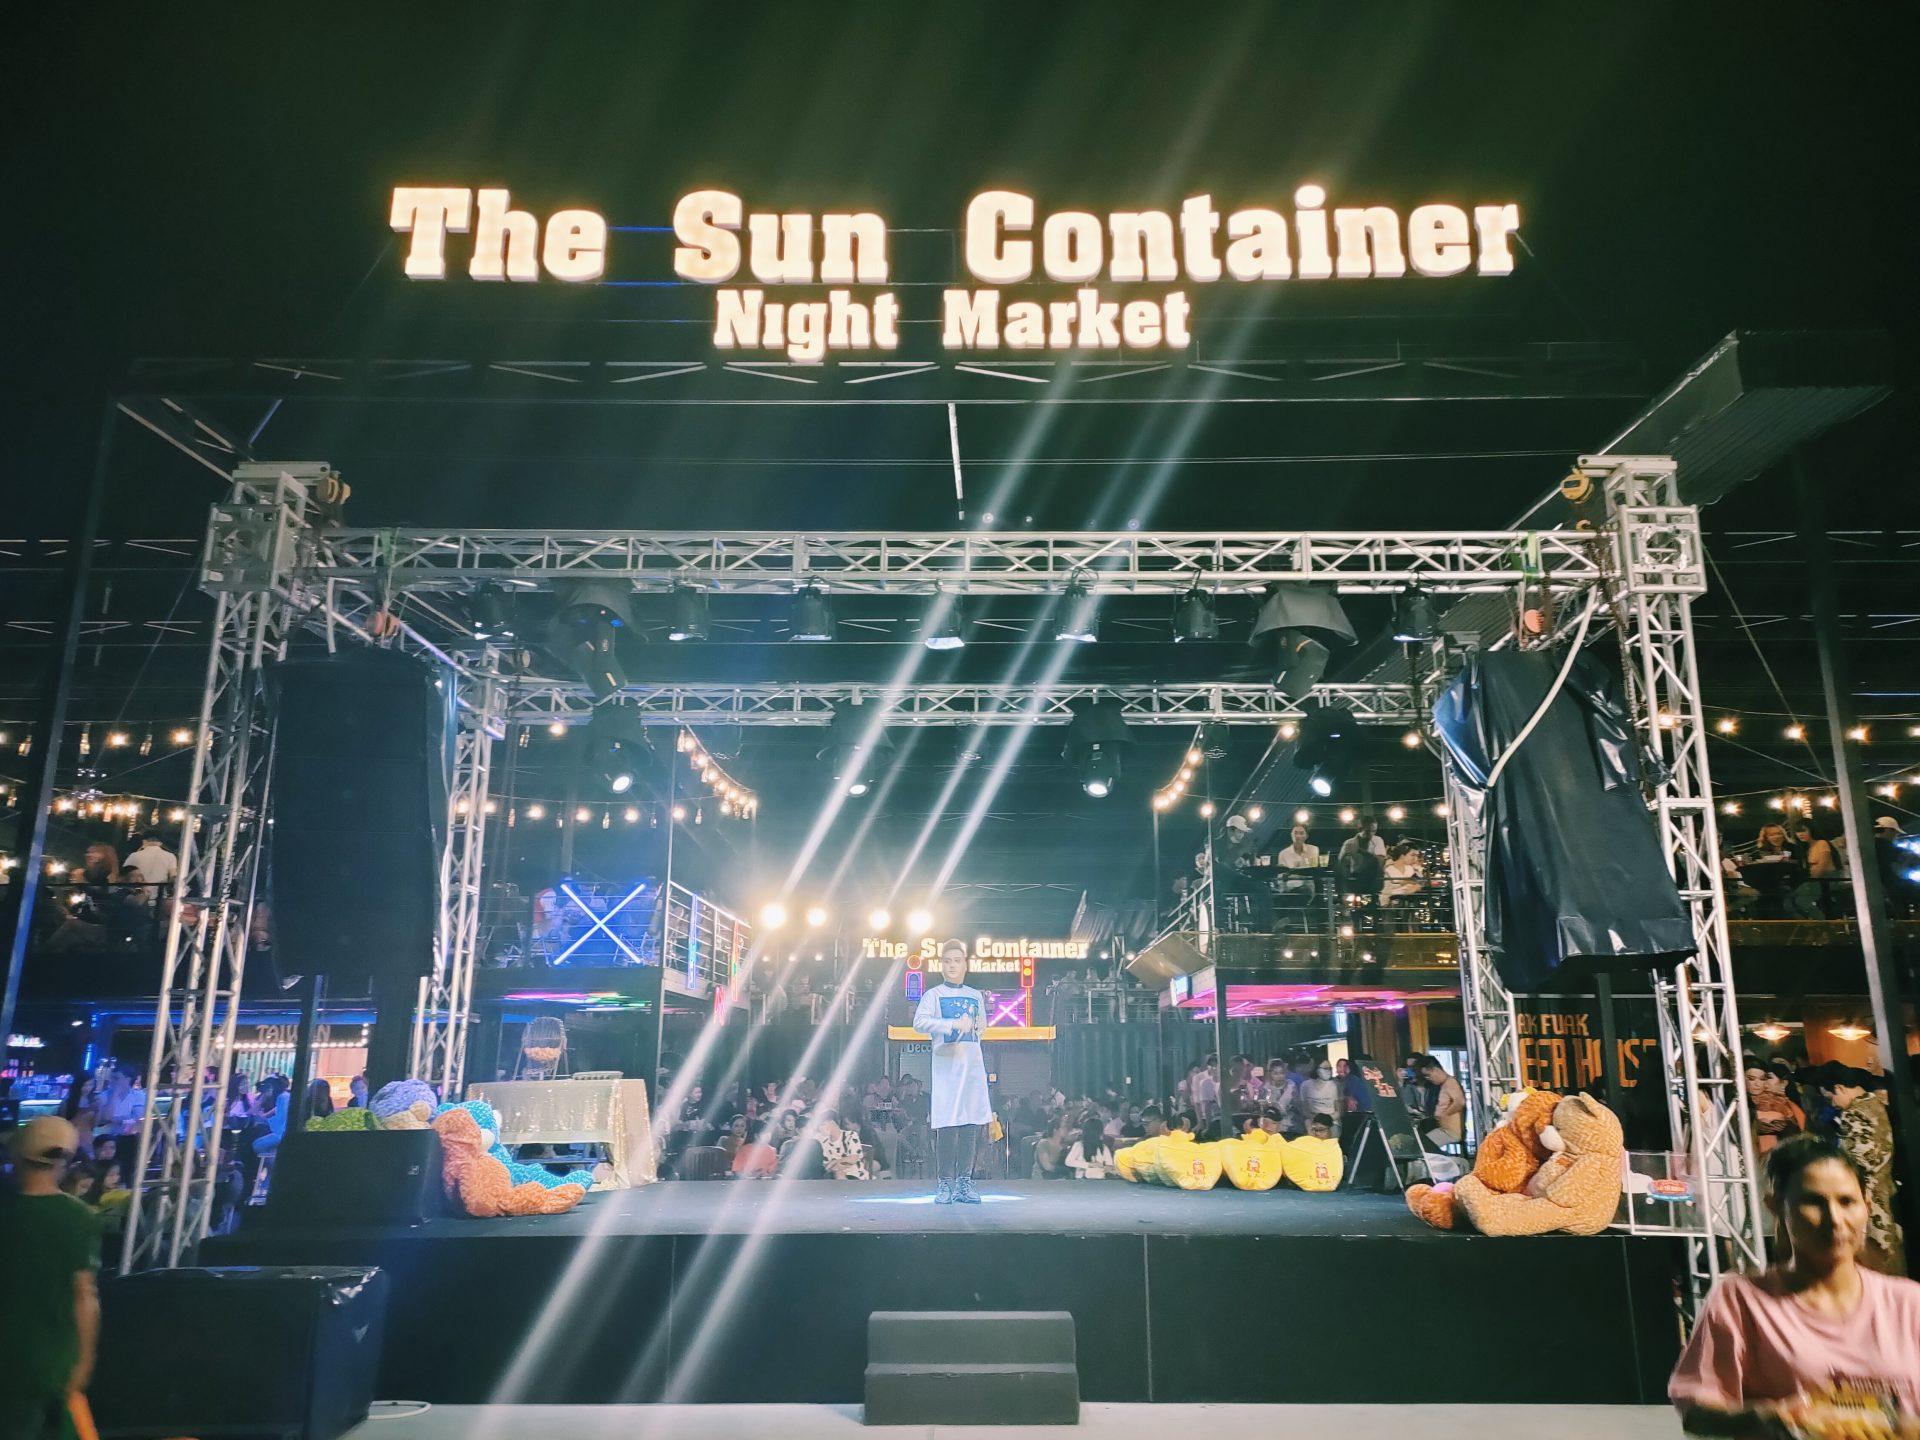 越南平陽最好玩的新型態貨櫃夜市 The Sun Container Night Market! 馬戲團火舞表演、人妖秀、丟沙包射氣球、多元異國美食